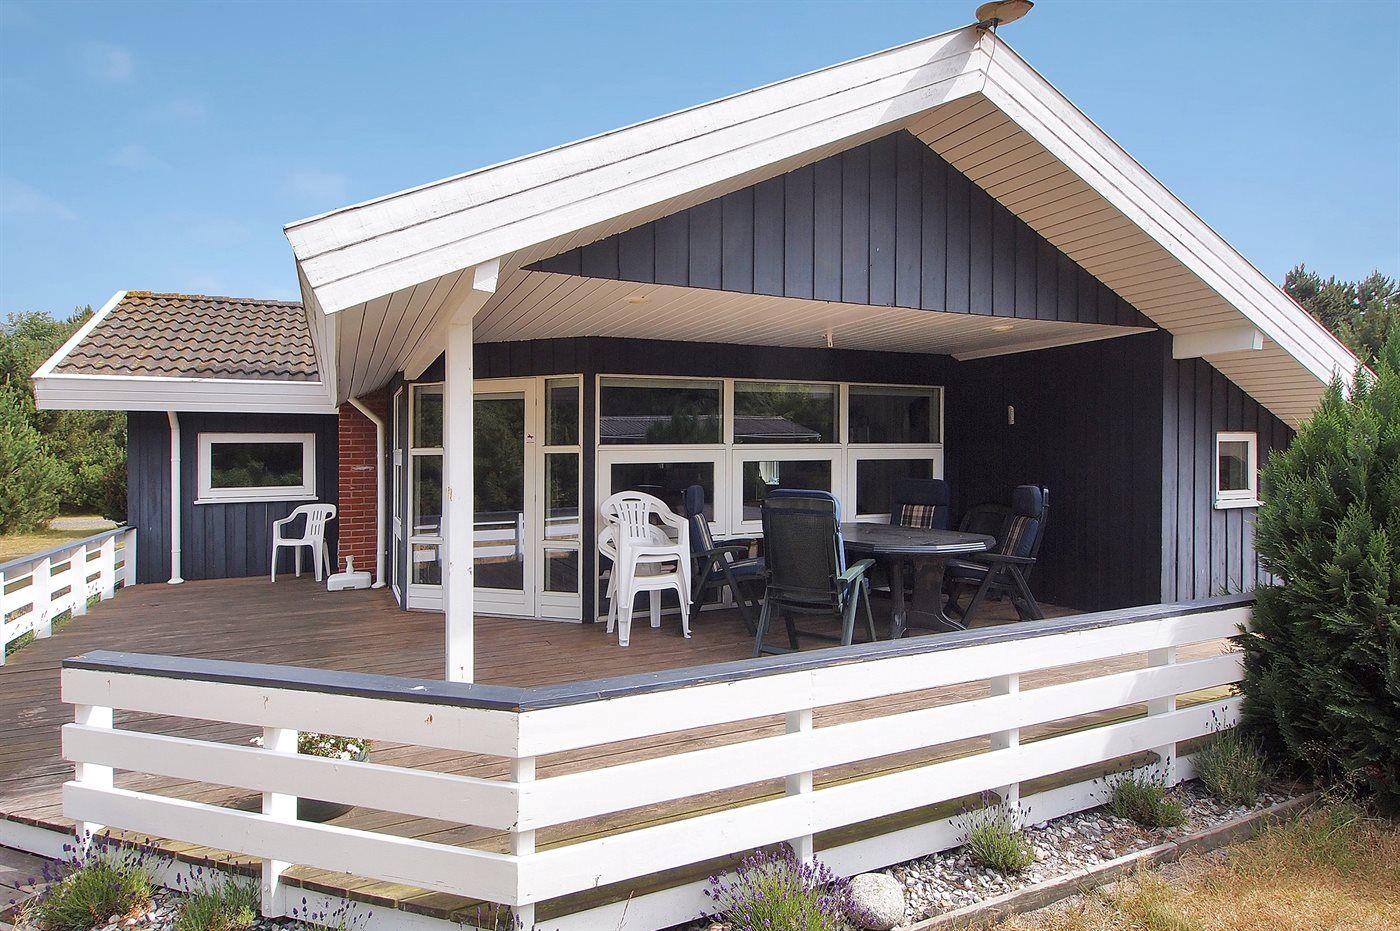 www.atraveo.de Objekt-Nr. 896572 Ferienhaus für max. 8 Personen Kramnitse, Lolland (Südküste von Lolland)